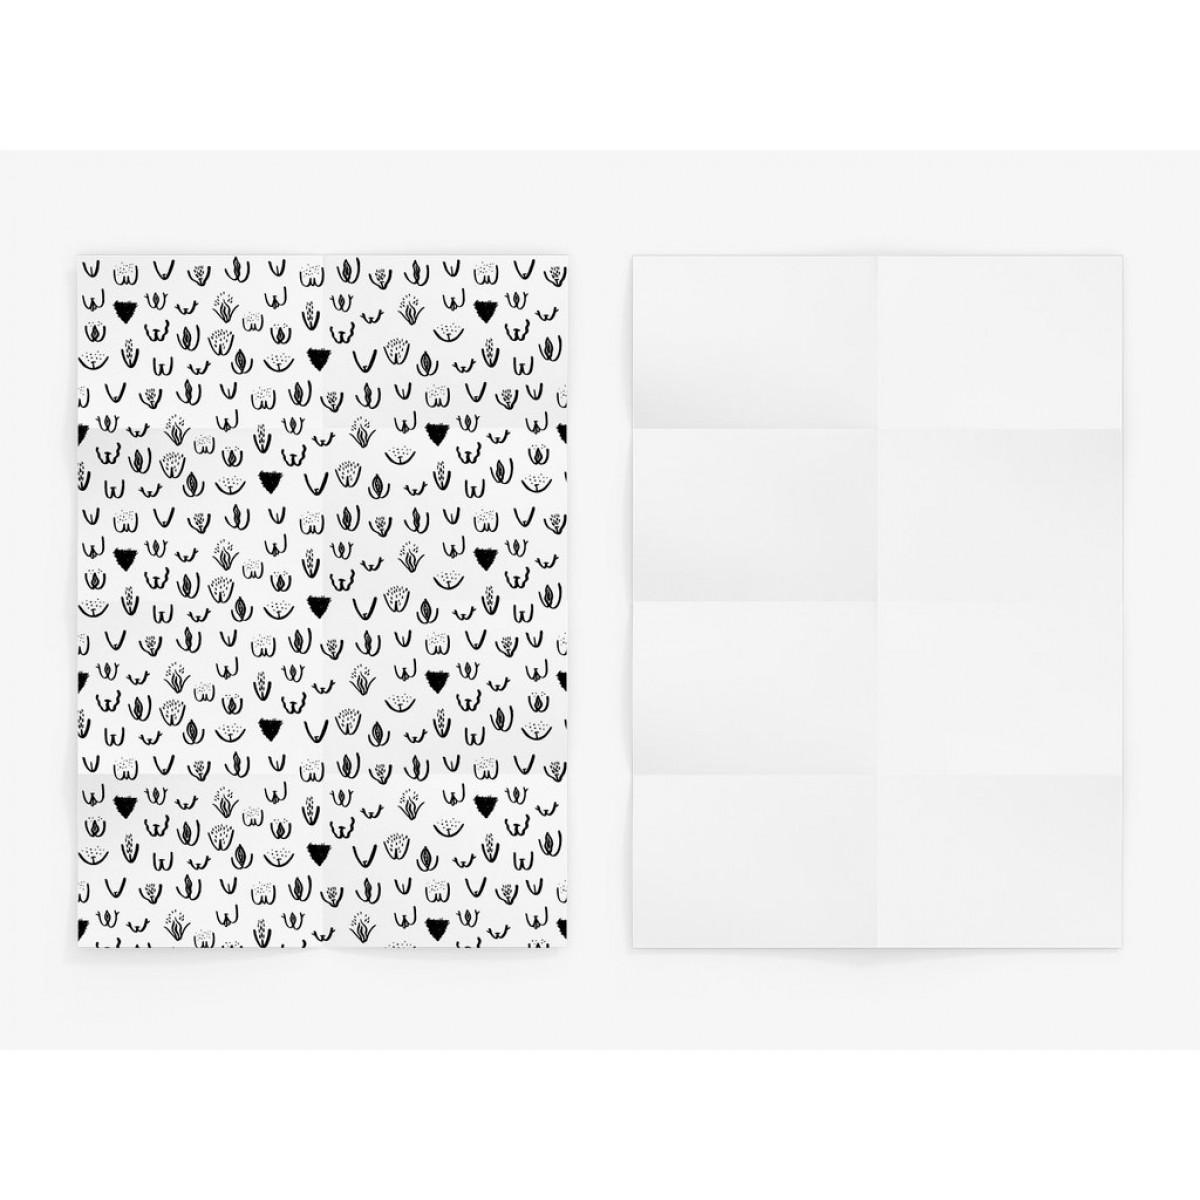 typealive / Geschenkpapier / Vulvarines (gefaltet)